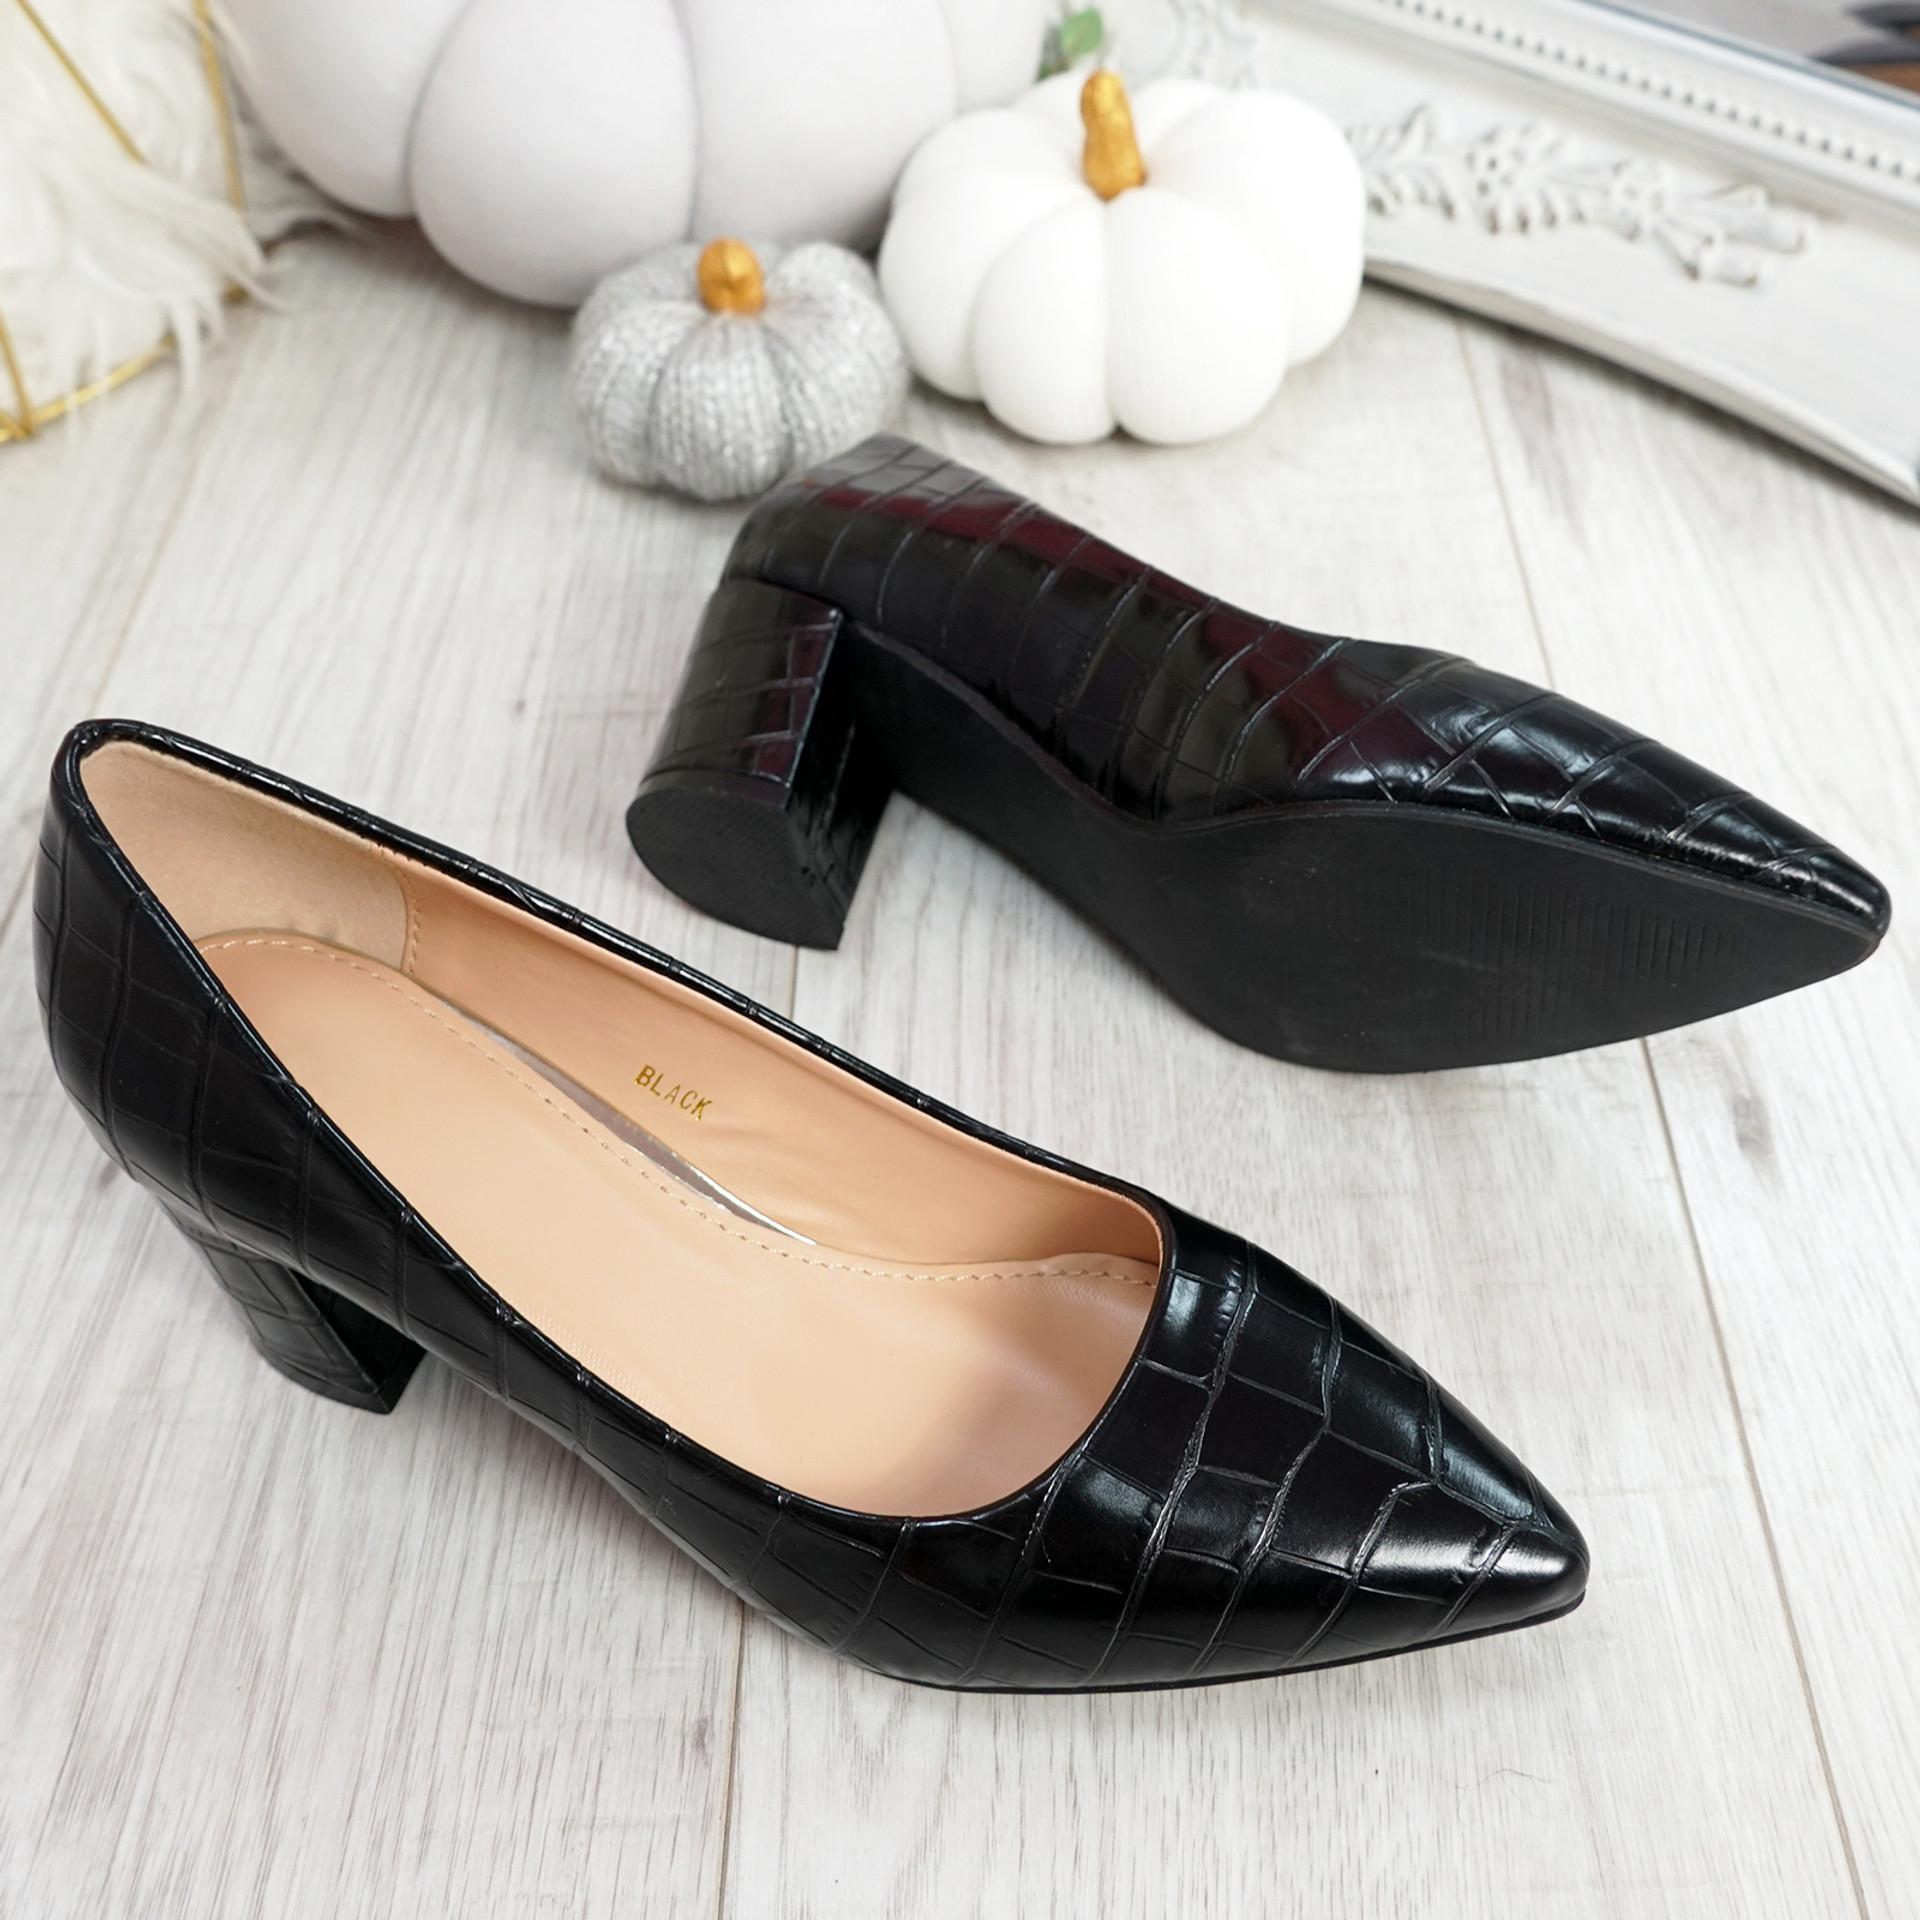 Pressy Black Croc Block Heel Pumps